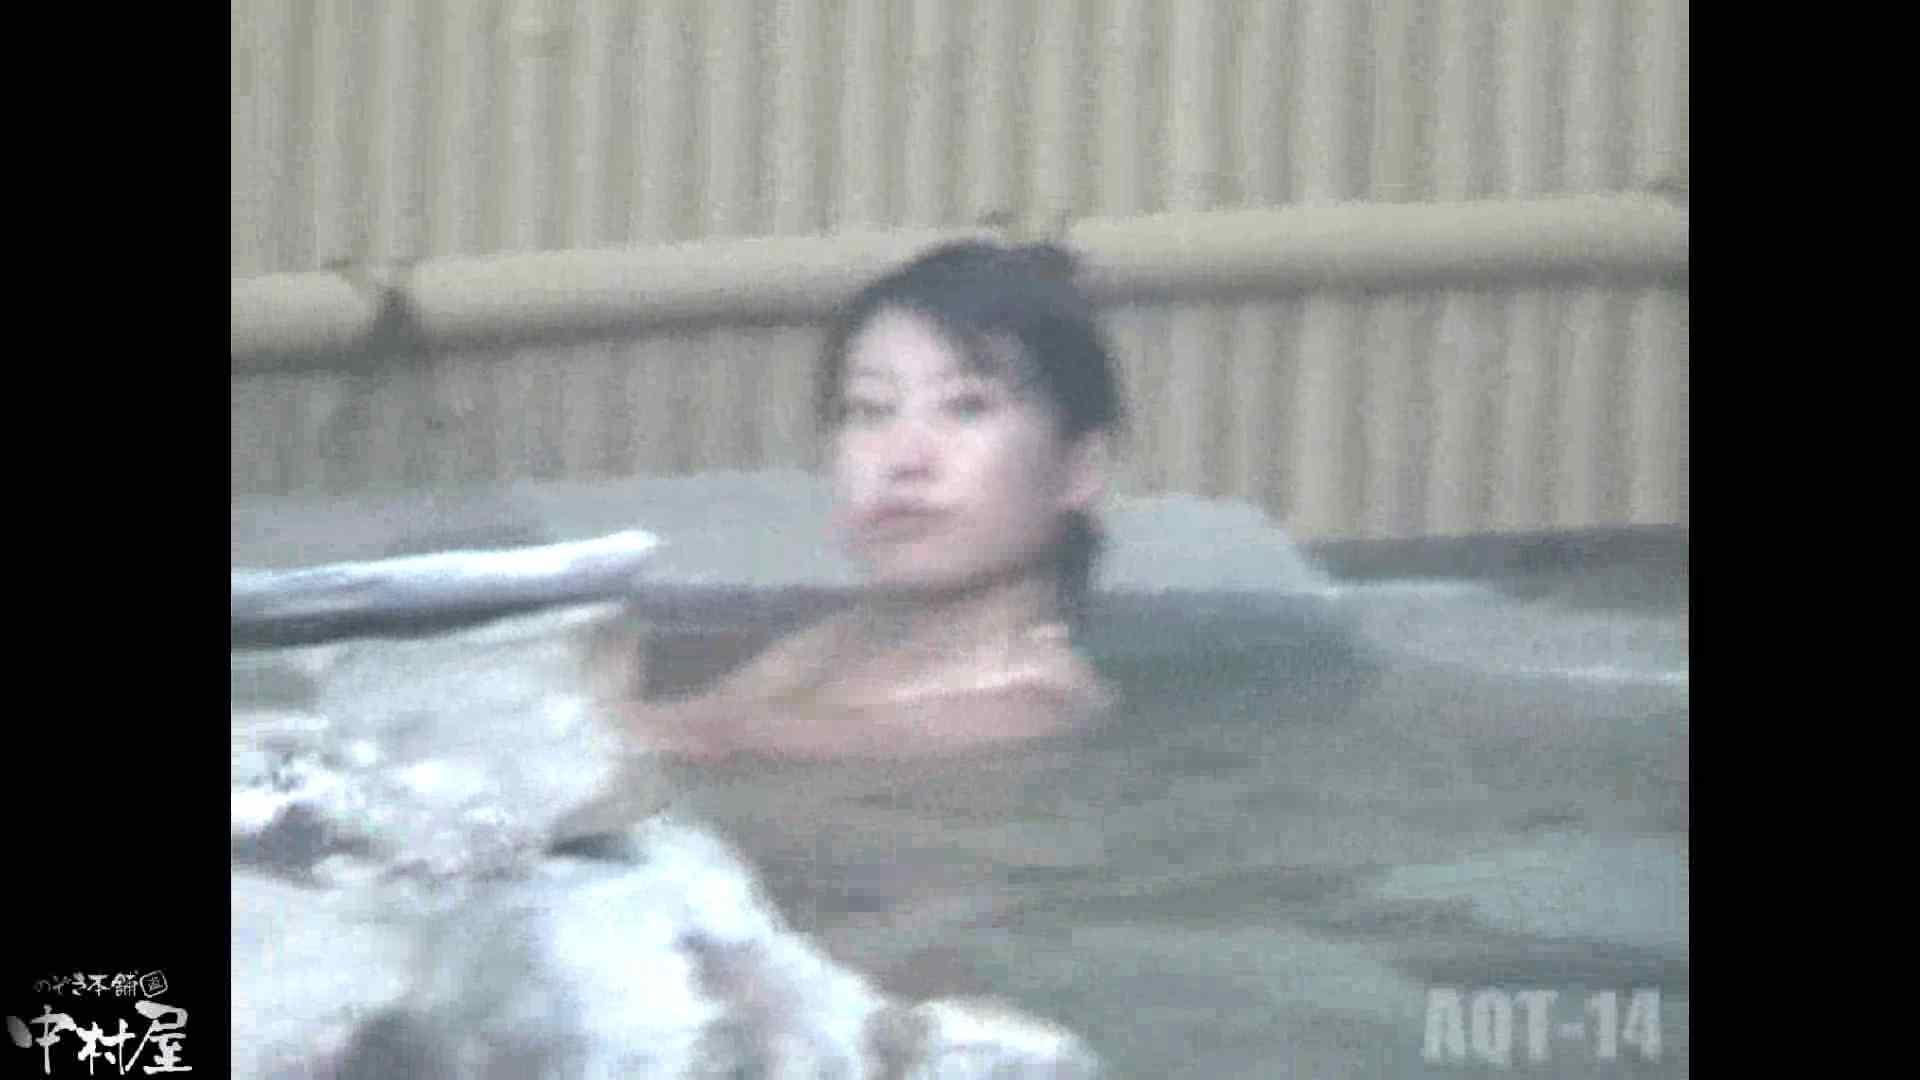 Aquaな露天風呂Vol.878潜入盗撮露天風呂十四判湯 其の一 露天 | 盗撮  78pic 15